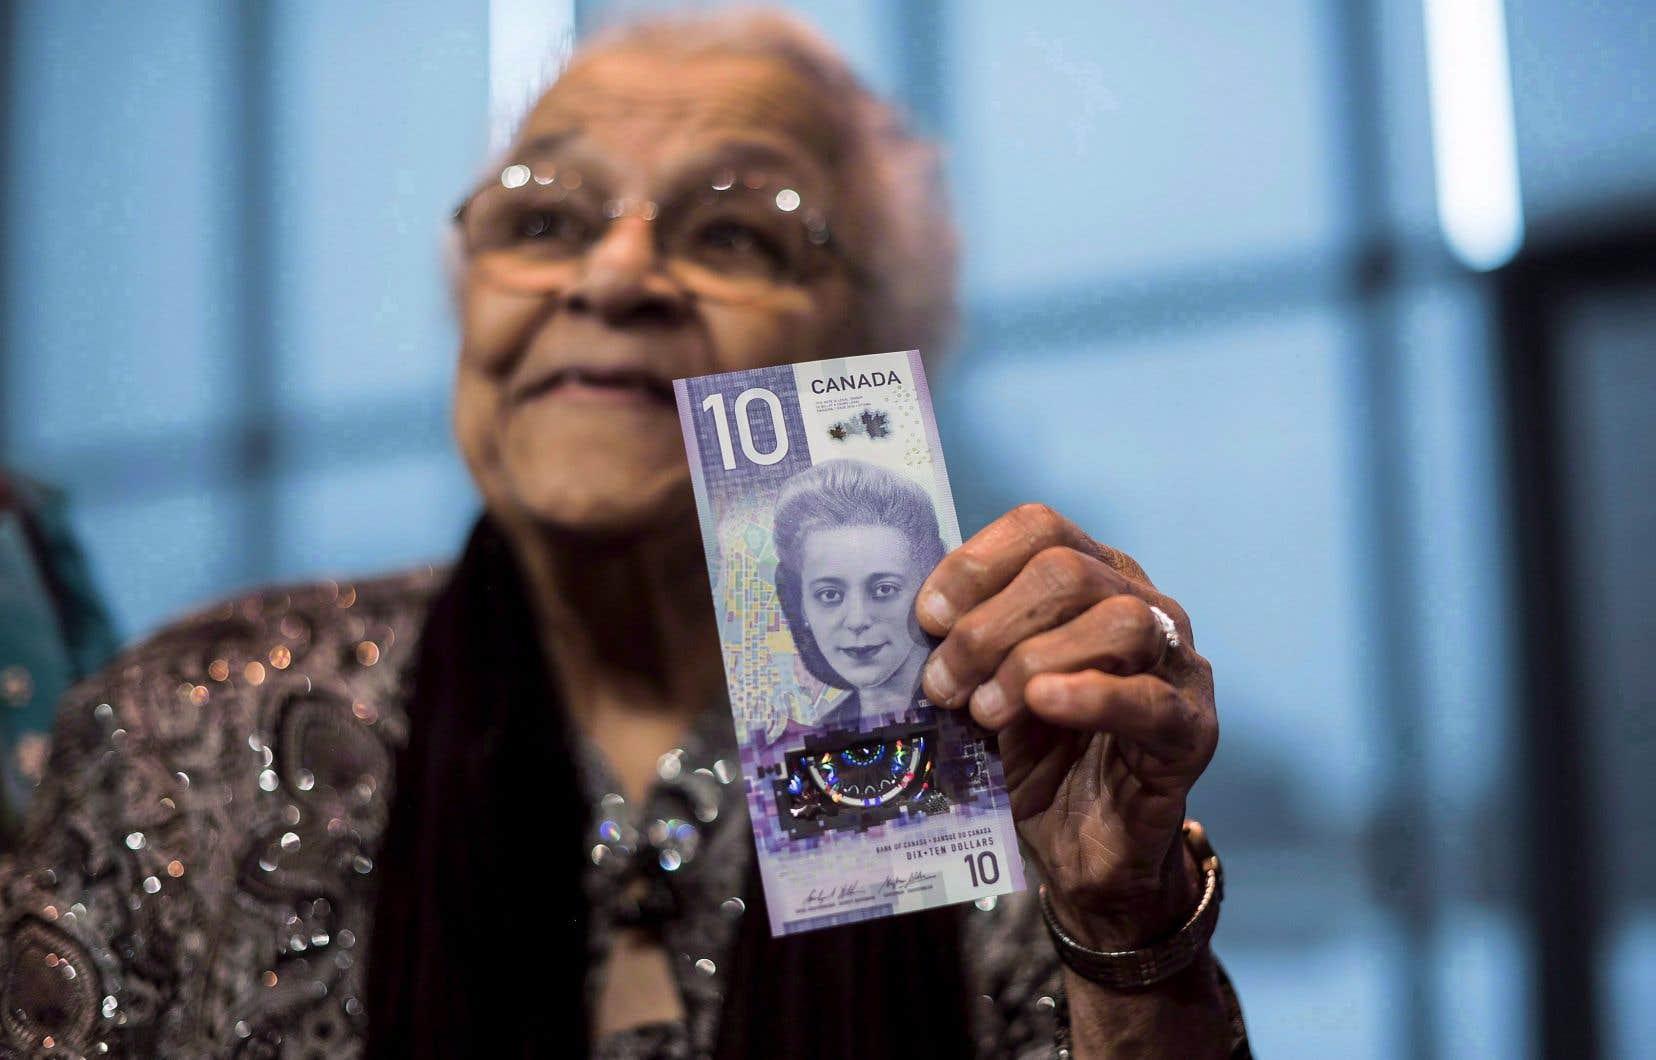 Contrairement aux autres billets en circulation, le portrait de Viola Desmond est présenté à la verticale sur le nouveau billet de 10$, qu'on voit ici dans les mains de la sœur de Mme Desmond, Wanda Robson.